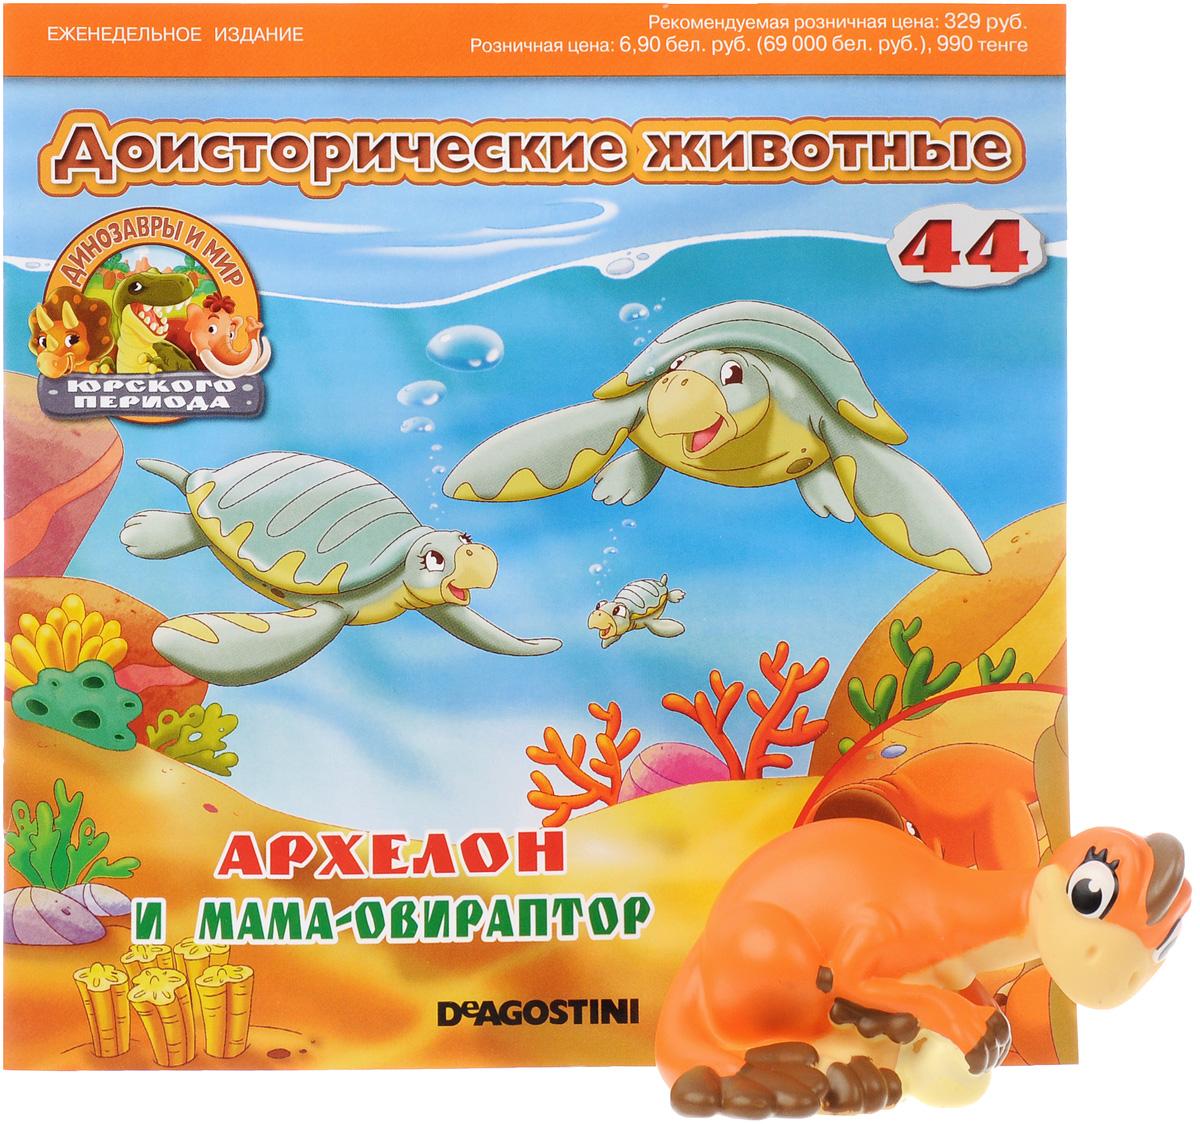 Журнал Динозавры и мир Юрского периода №44 игрушка для животных каскад удочка с микки маусом 47 см